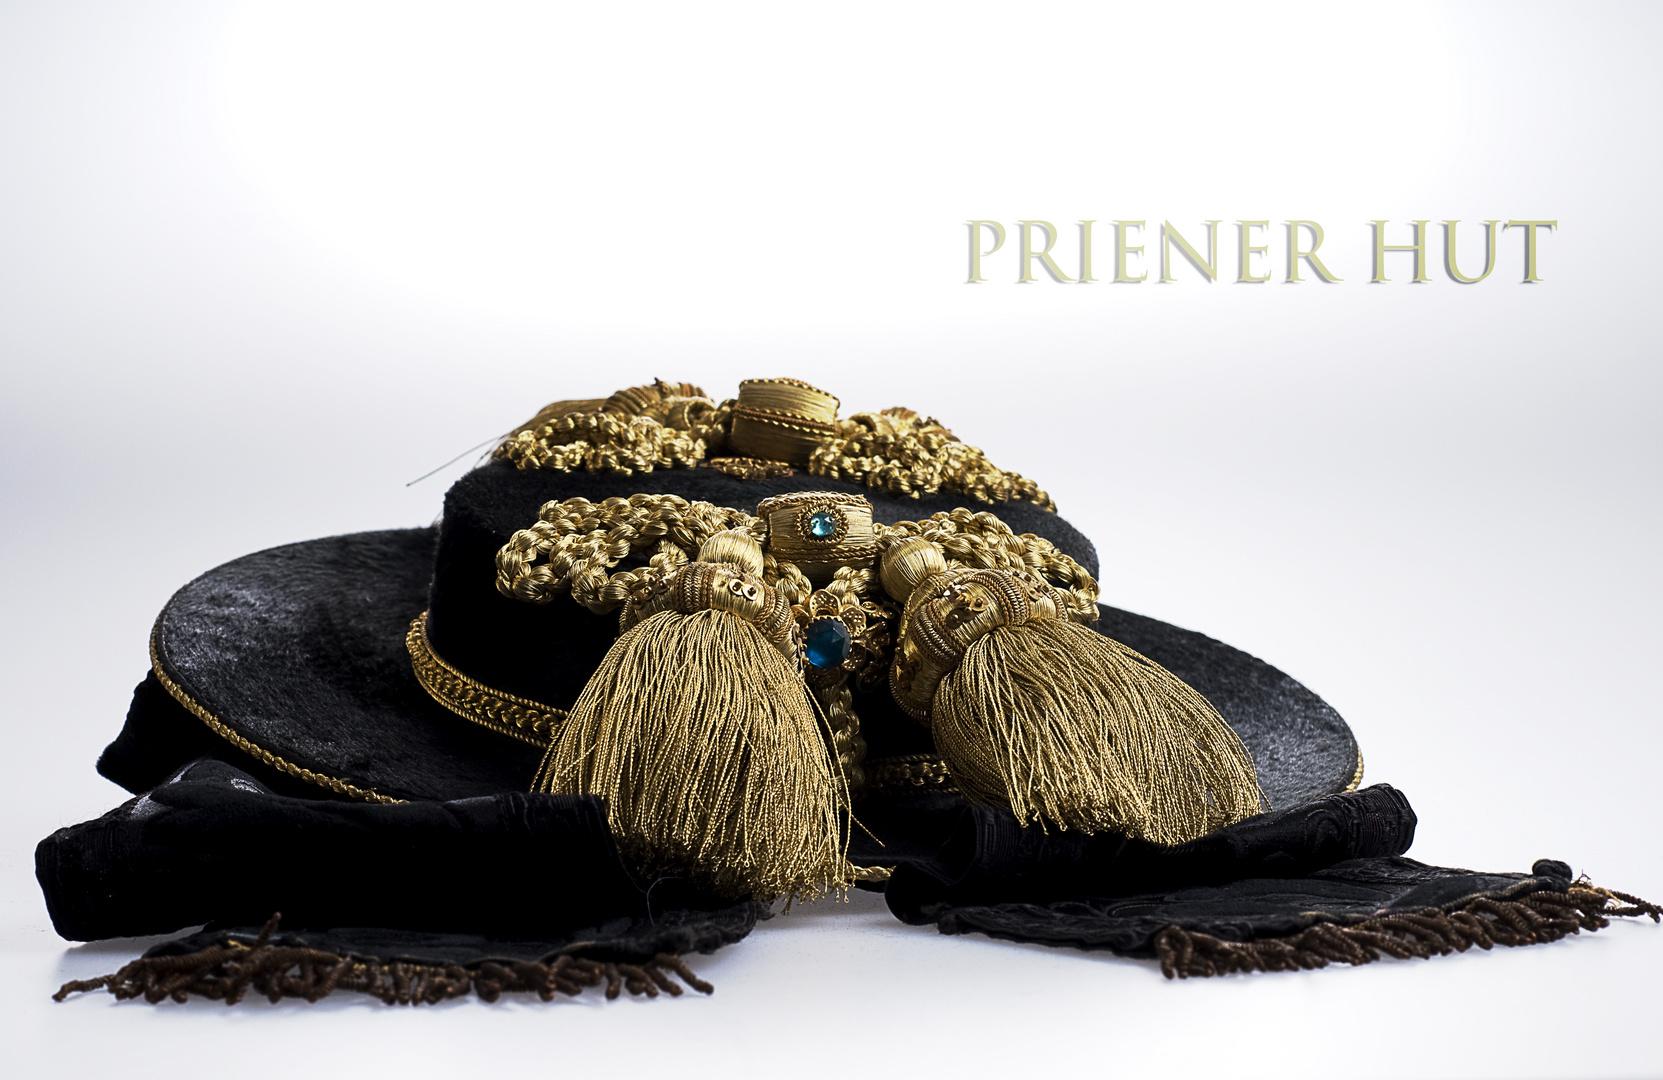 Priener Hut